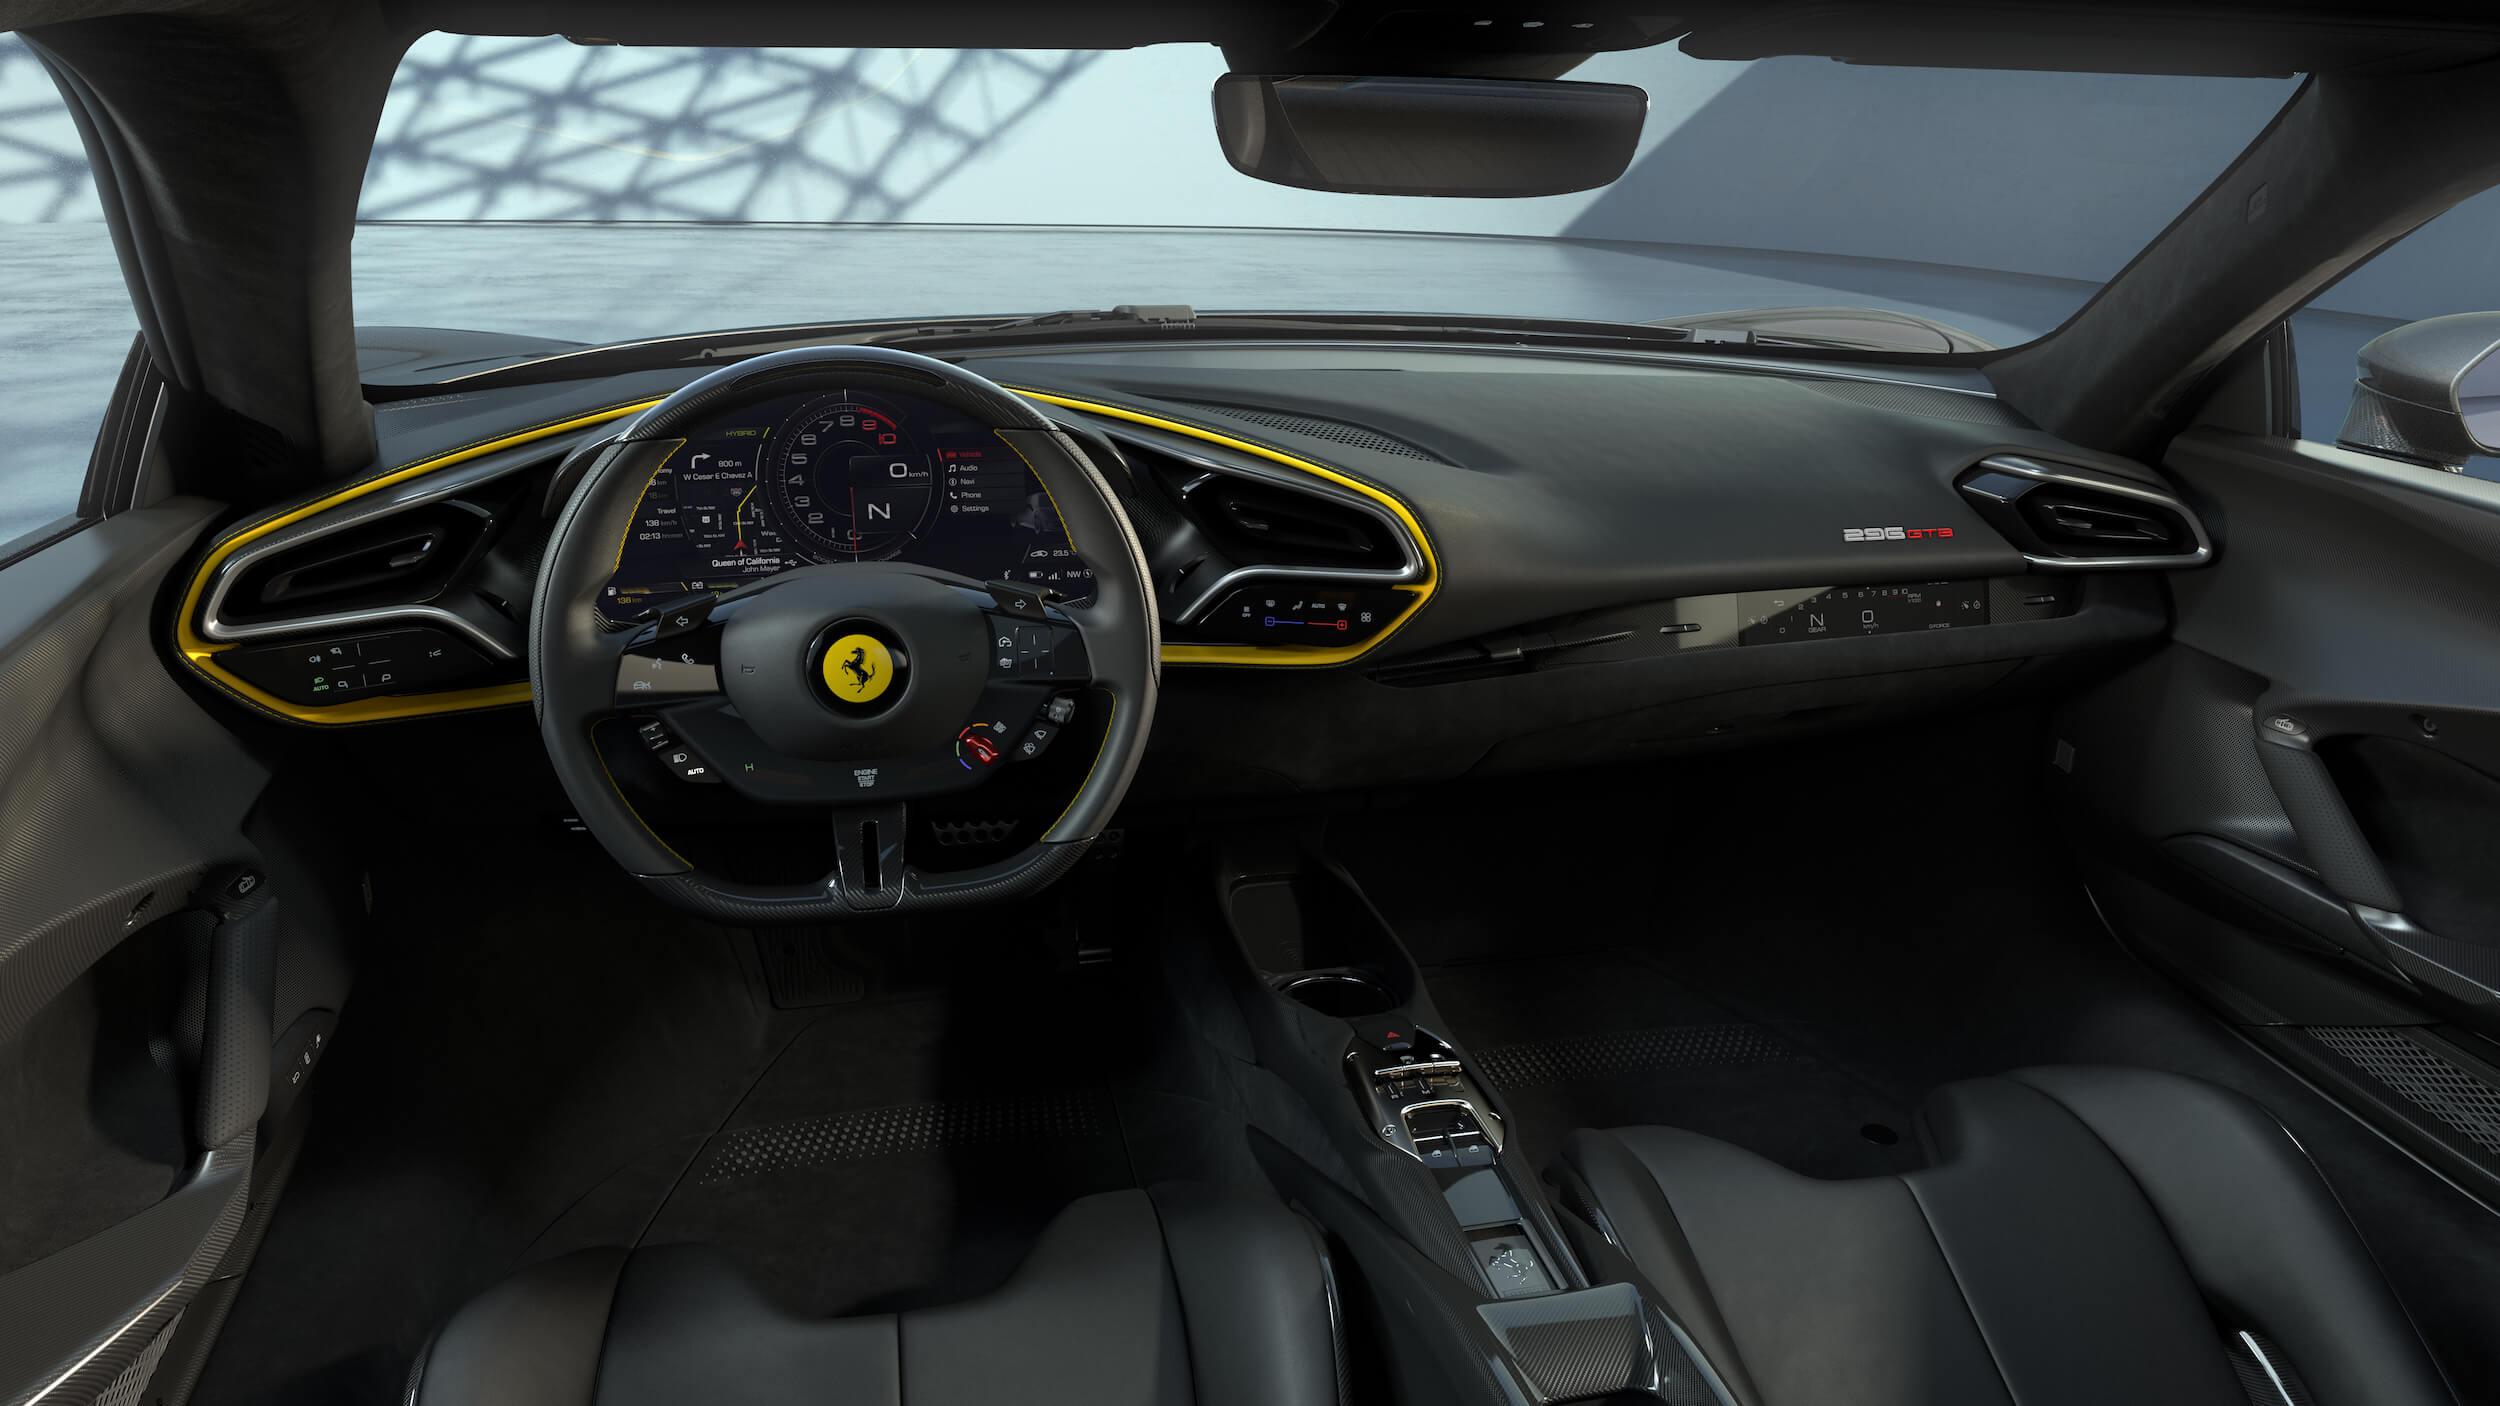 Ferrari 296 GTB dashboard